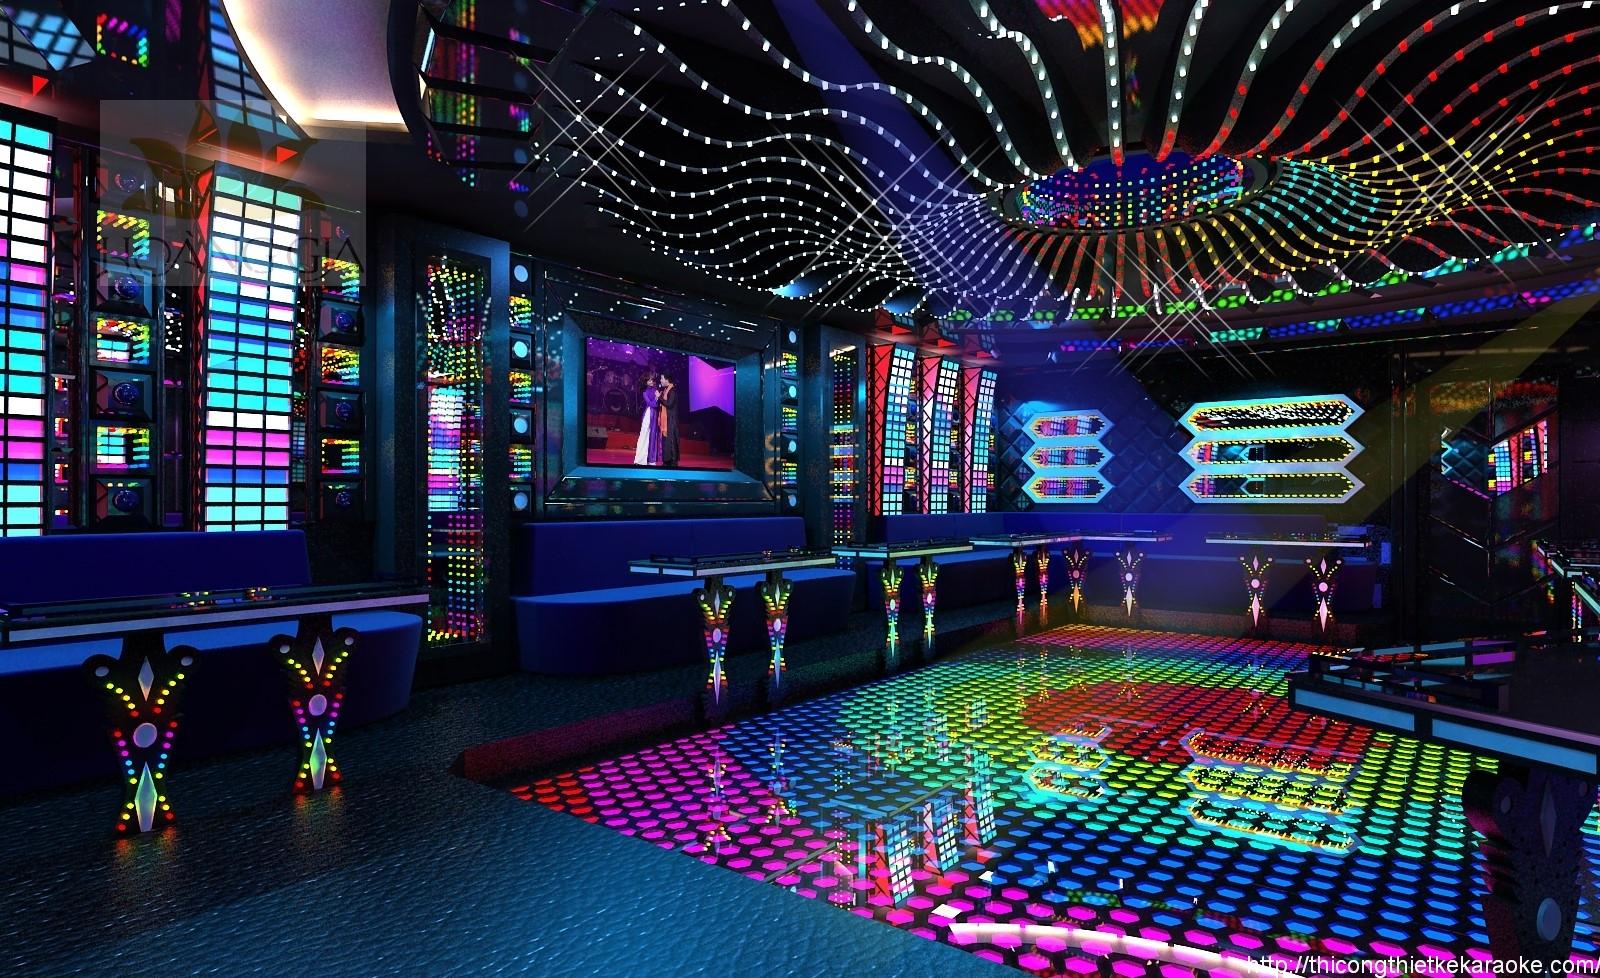 Thiết kế thi công phòng karaoke quận 7 TPHCM